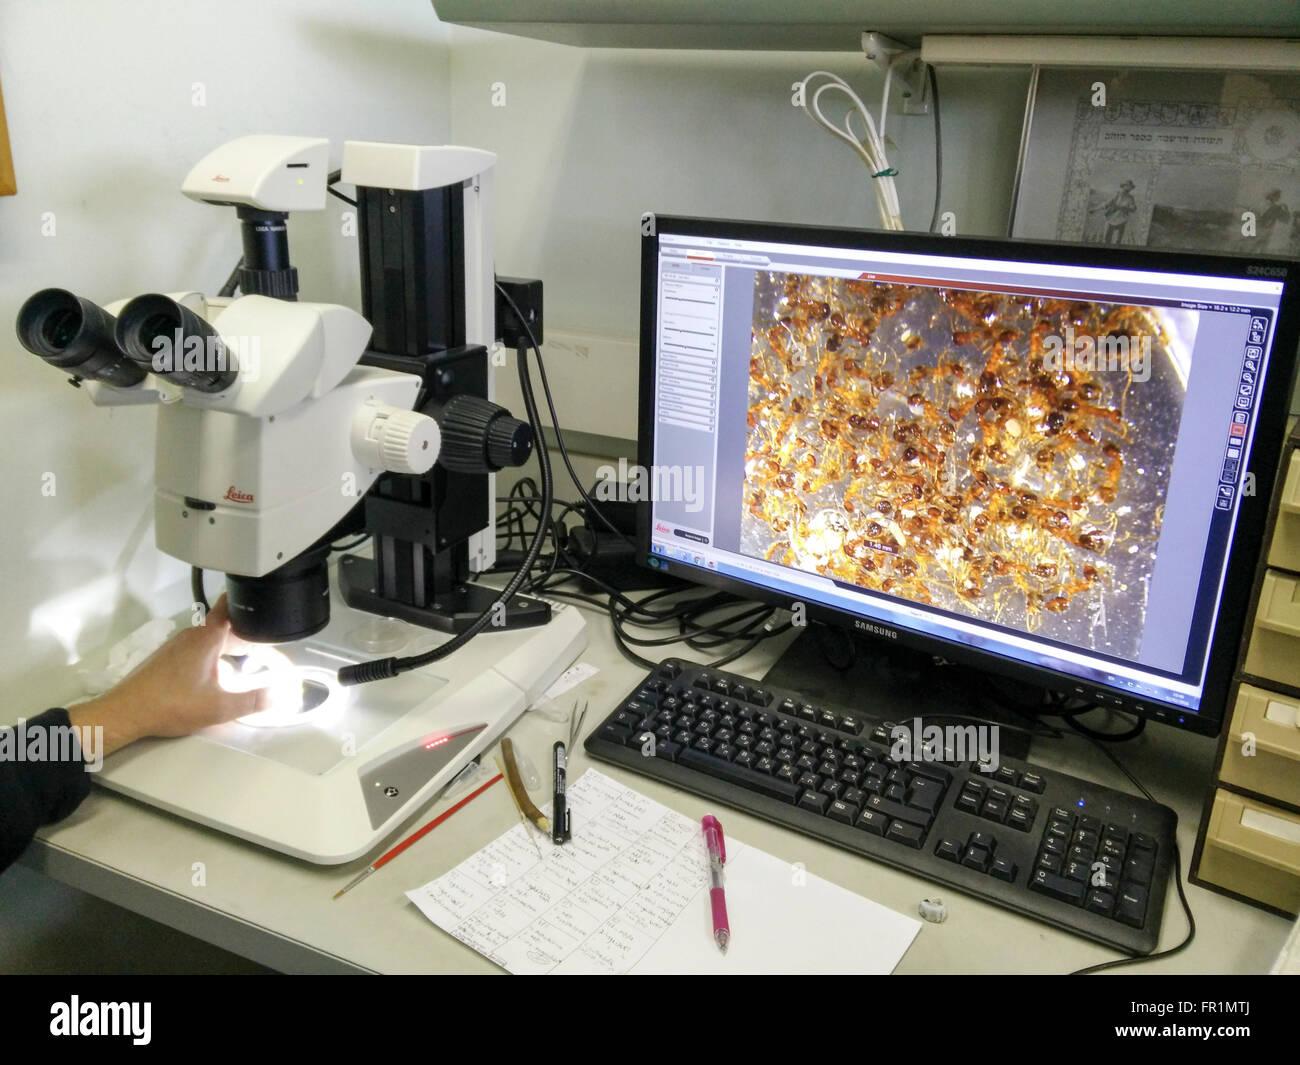 Instituto de Investigación en Biología, la imagen de un microscopio óptico se muestra en una pantalla Imagen De Stock